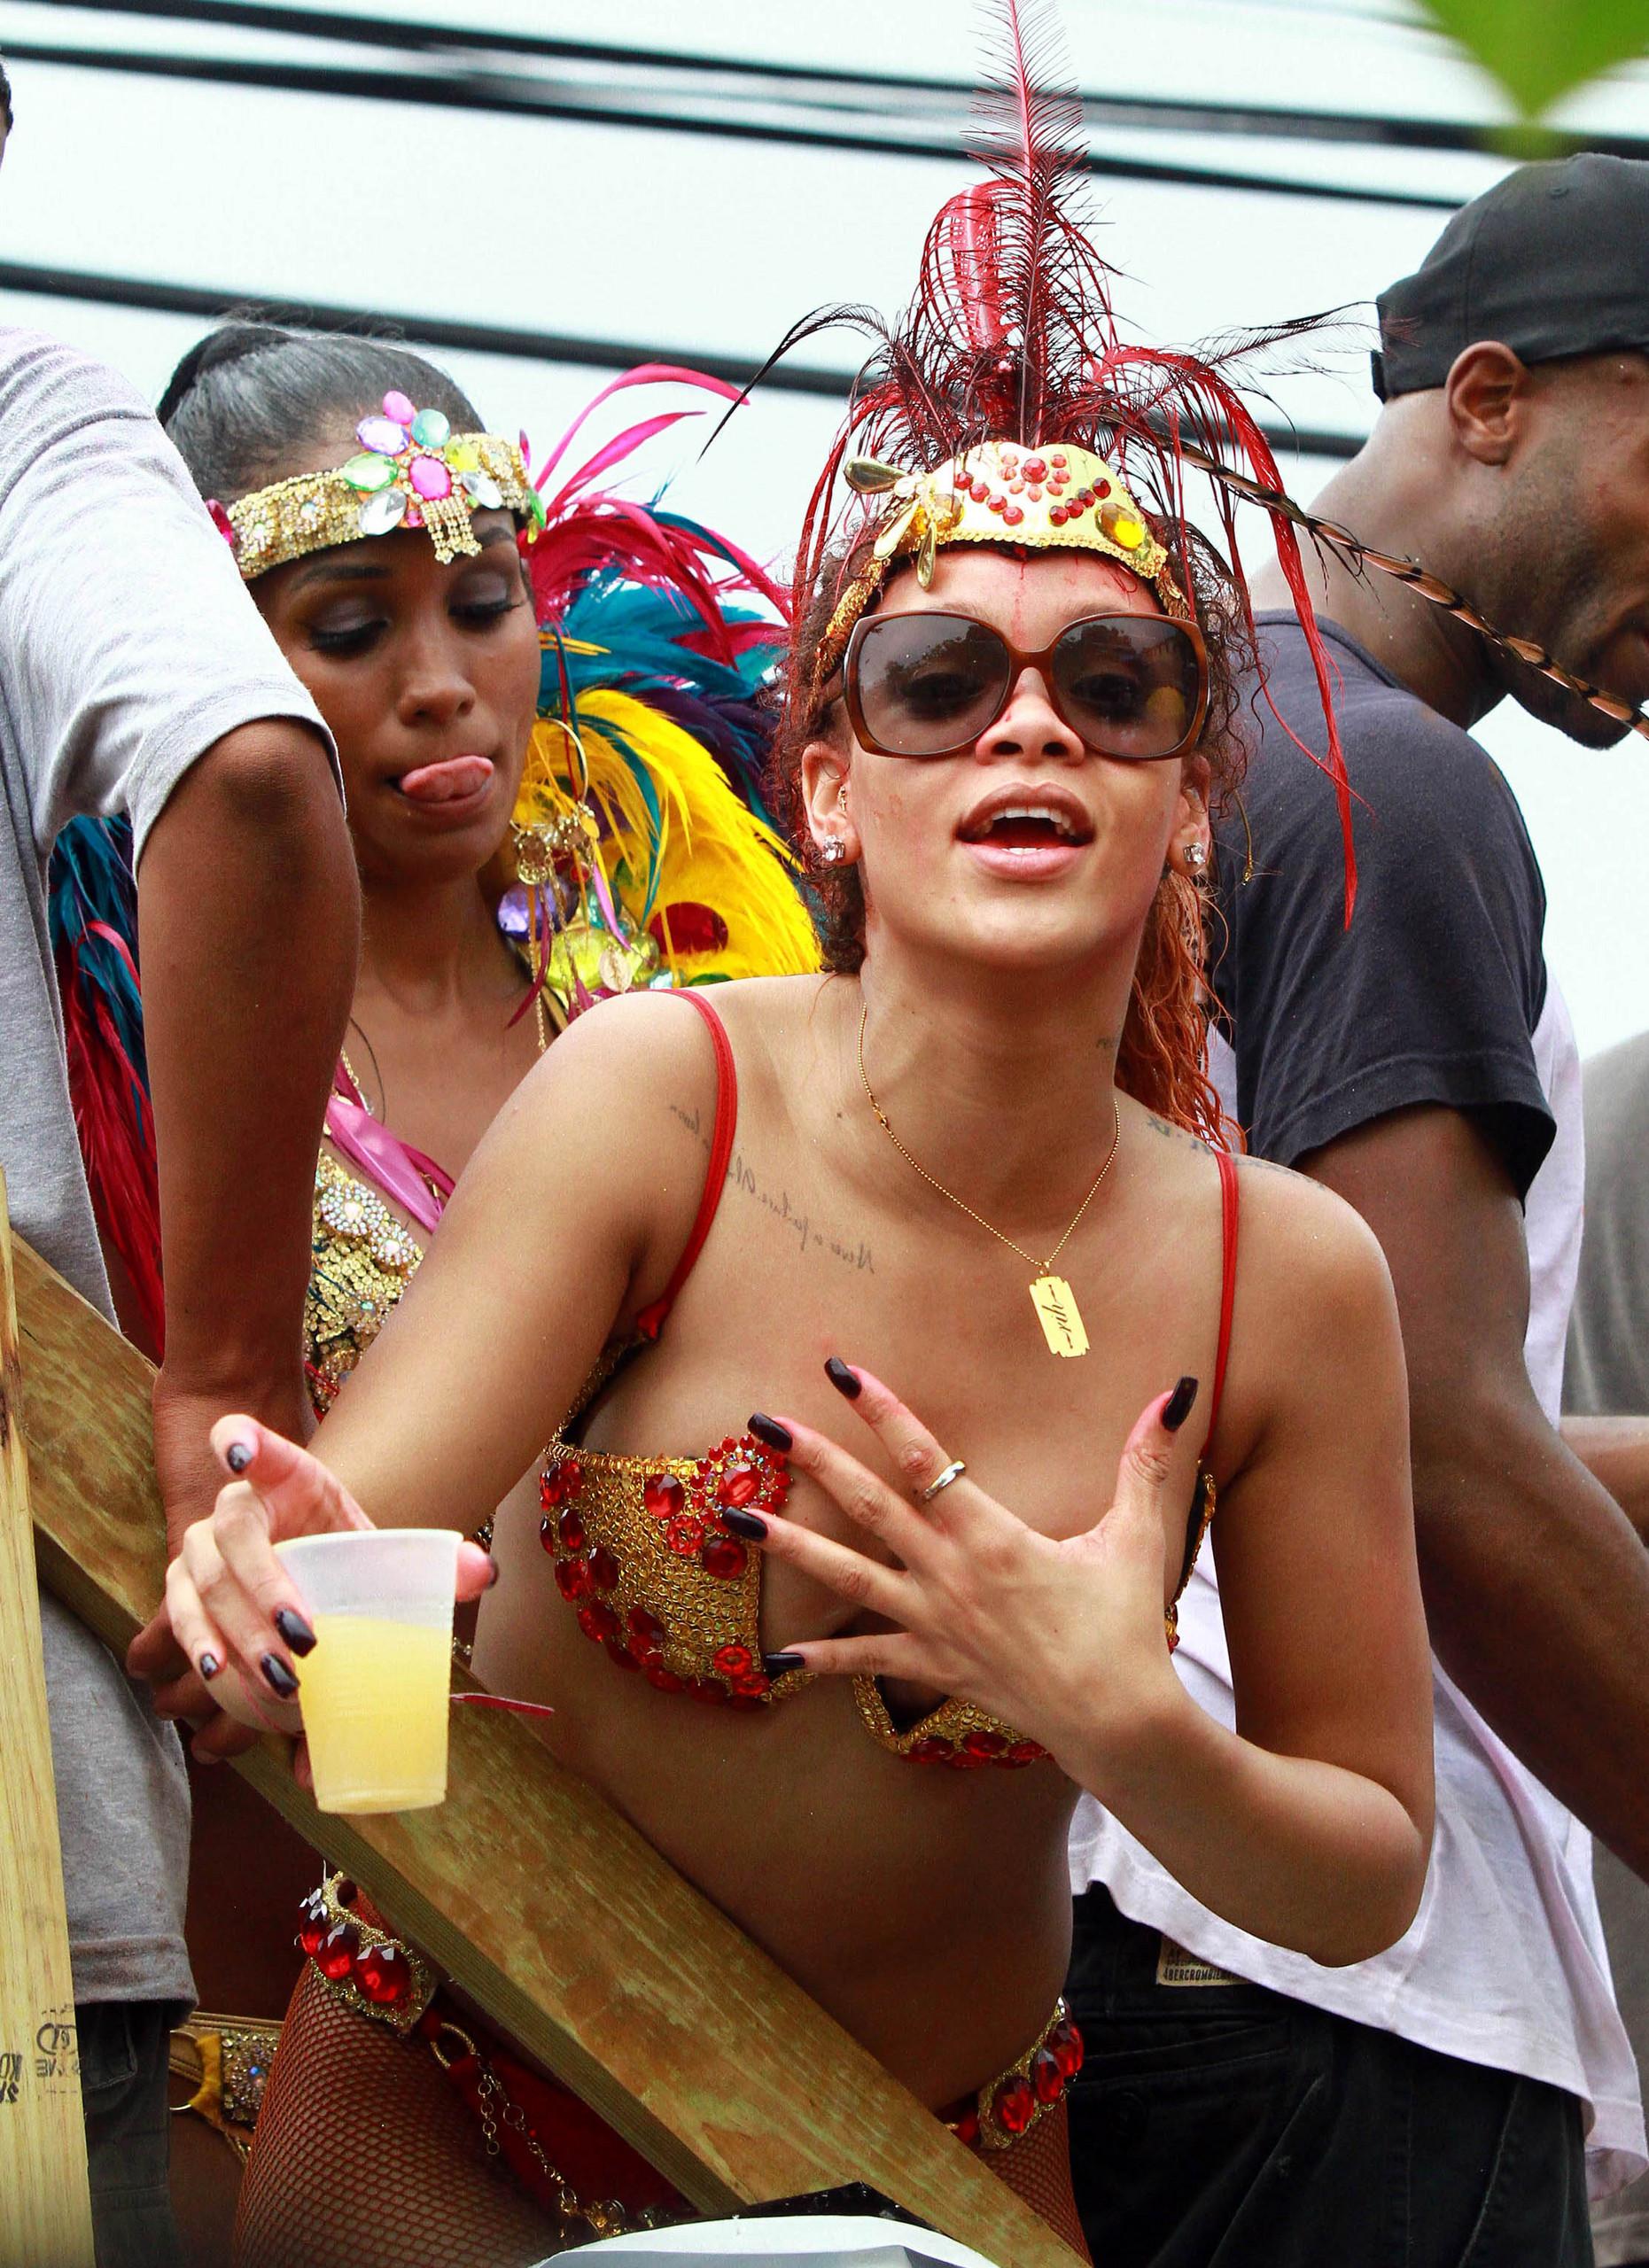 Kadoomant Day Parade In Barbados 1 08 2011